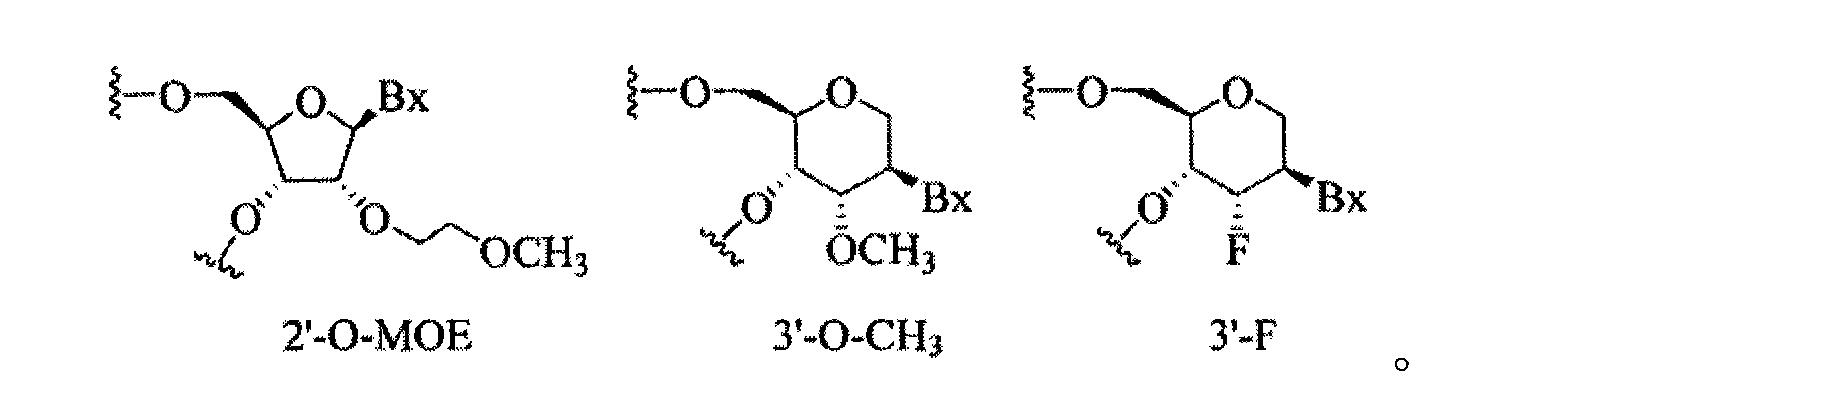 Figure CN101821277BD00451